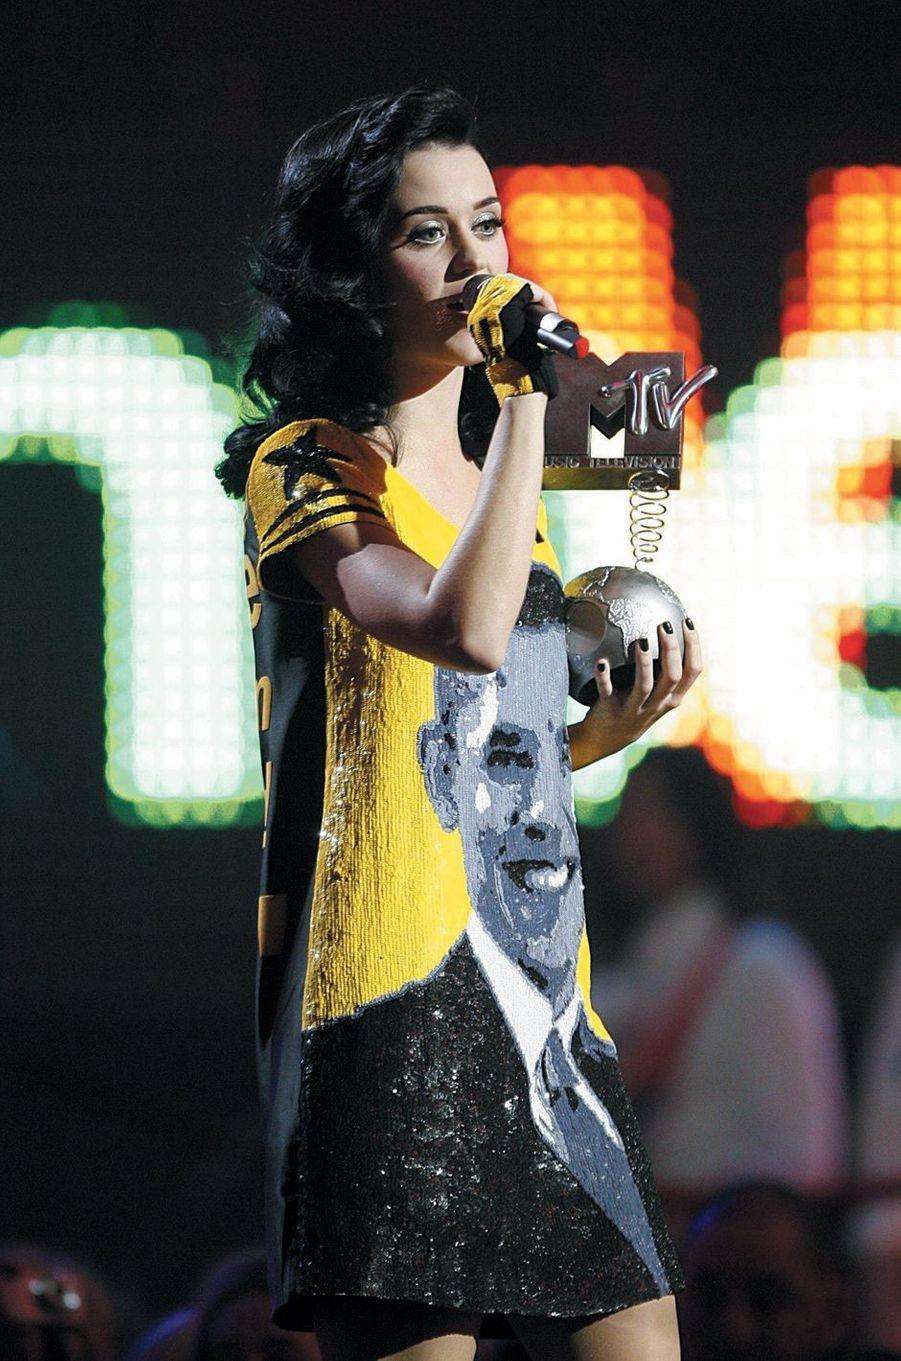 En 2009, Katy Perry porte une robe créée par Jean-Charles de Castelbajac avec le visage de Barack Obama en sequins.